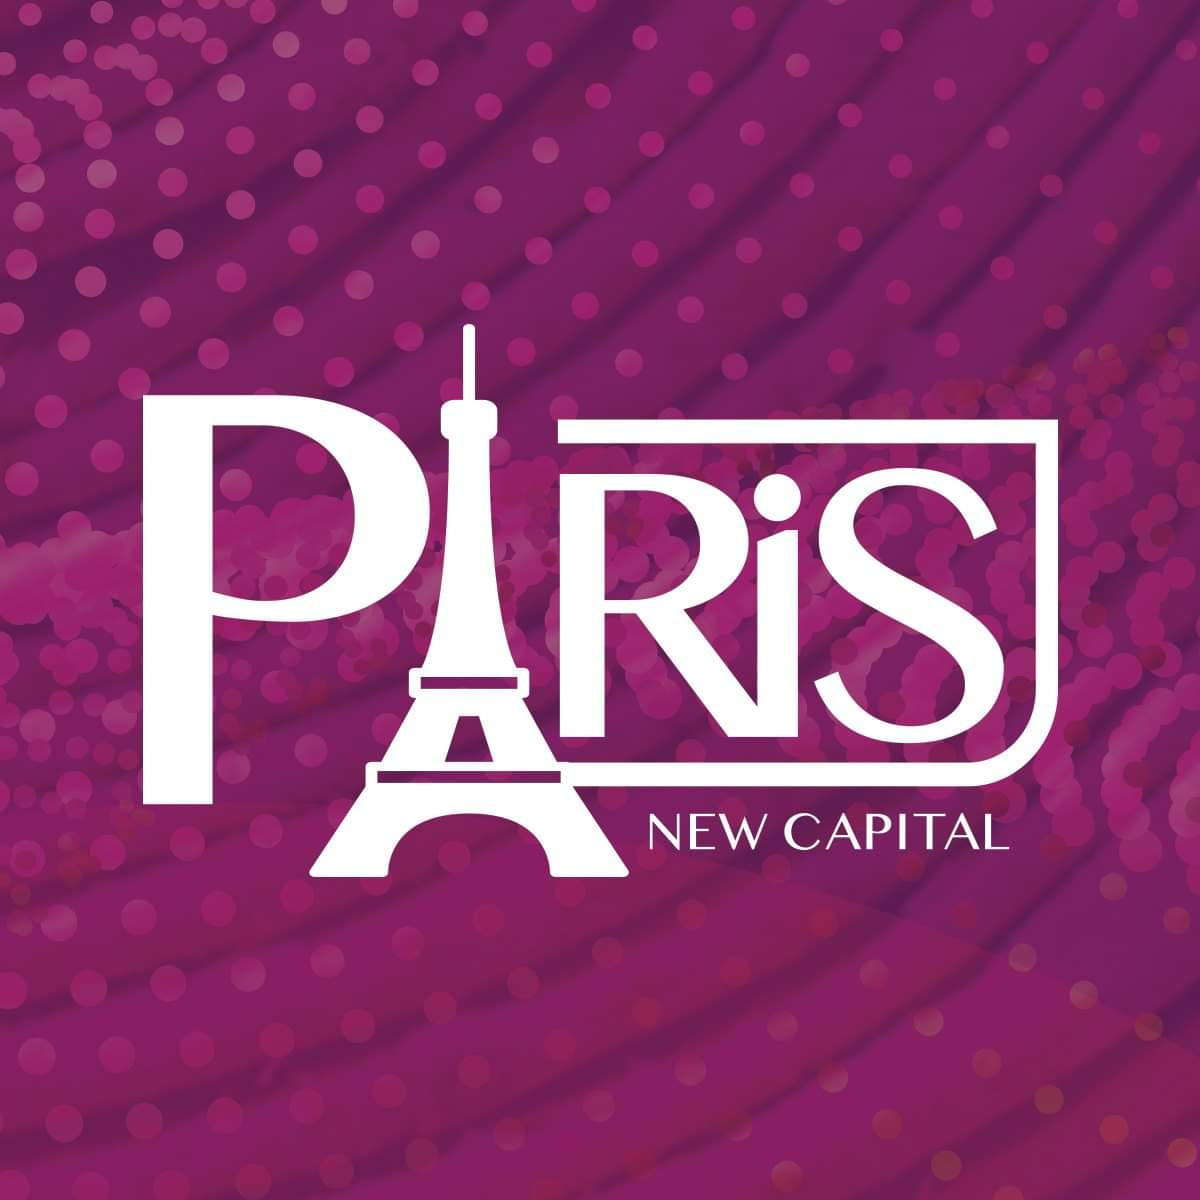 باريس مول 2 العاصمة الإدارية الجديدة   أغتنم الفرصة 10% خصم